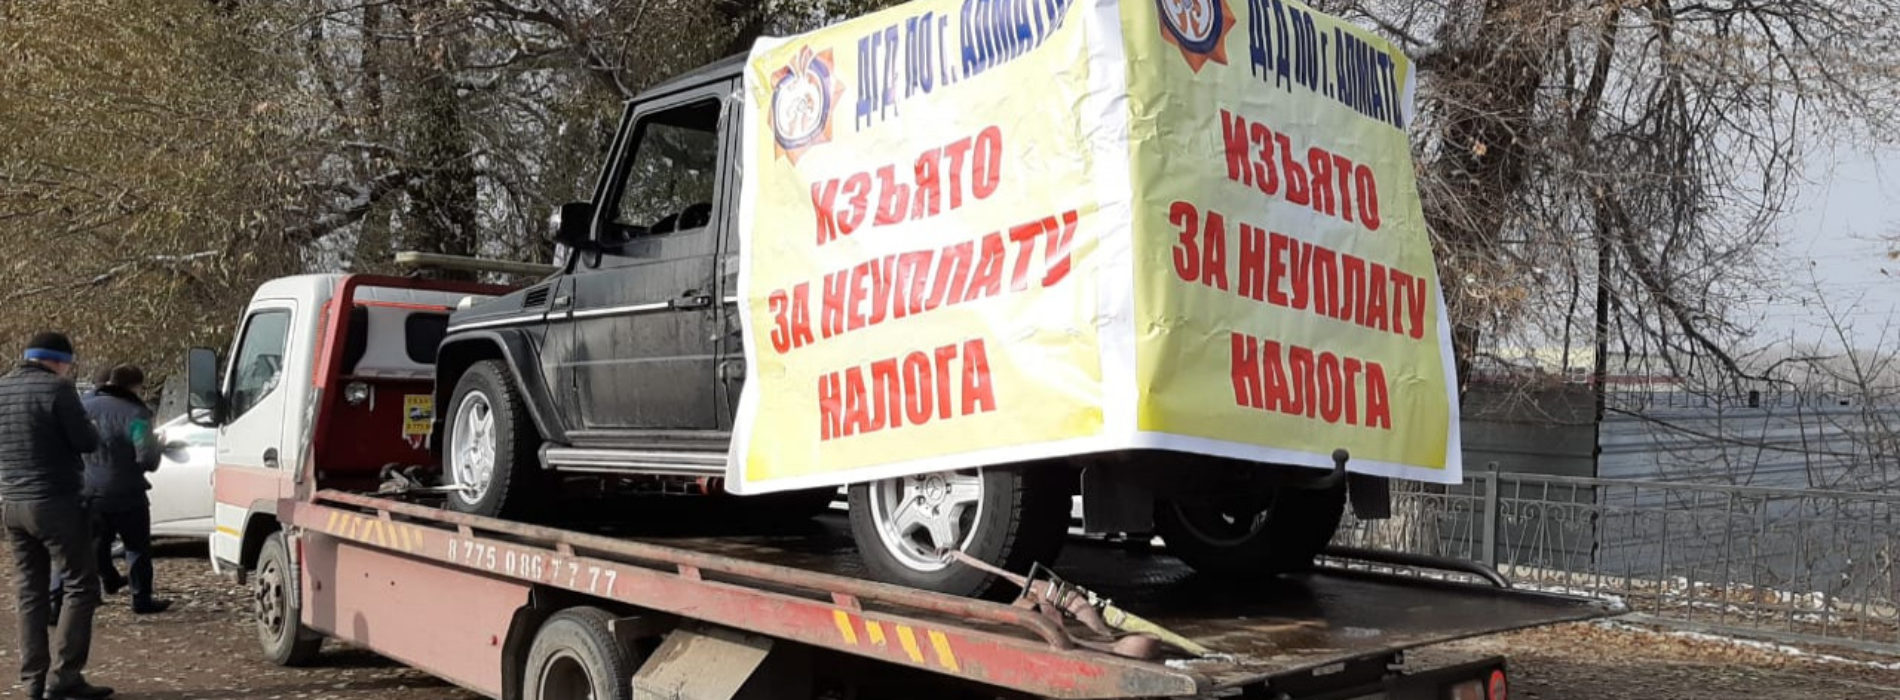 В Алматы налоговики изъяли Geländewagen за долги